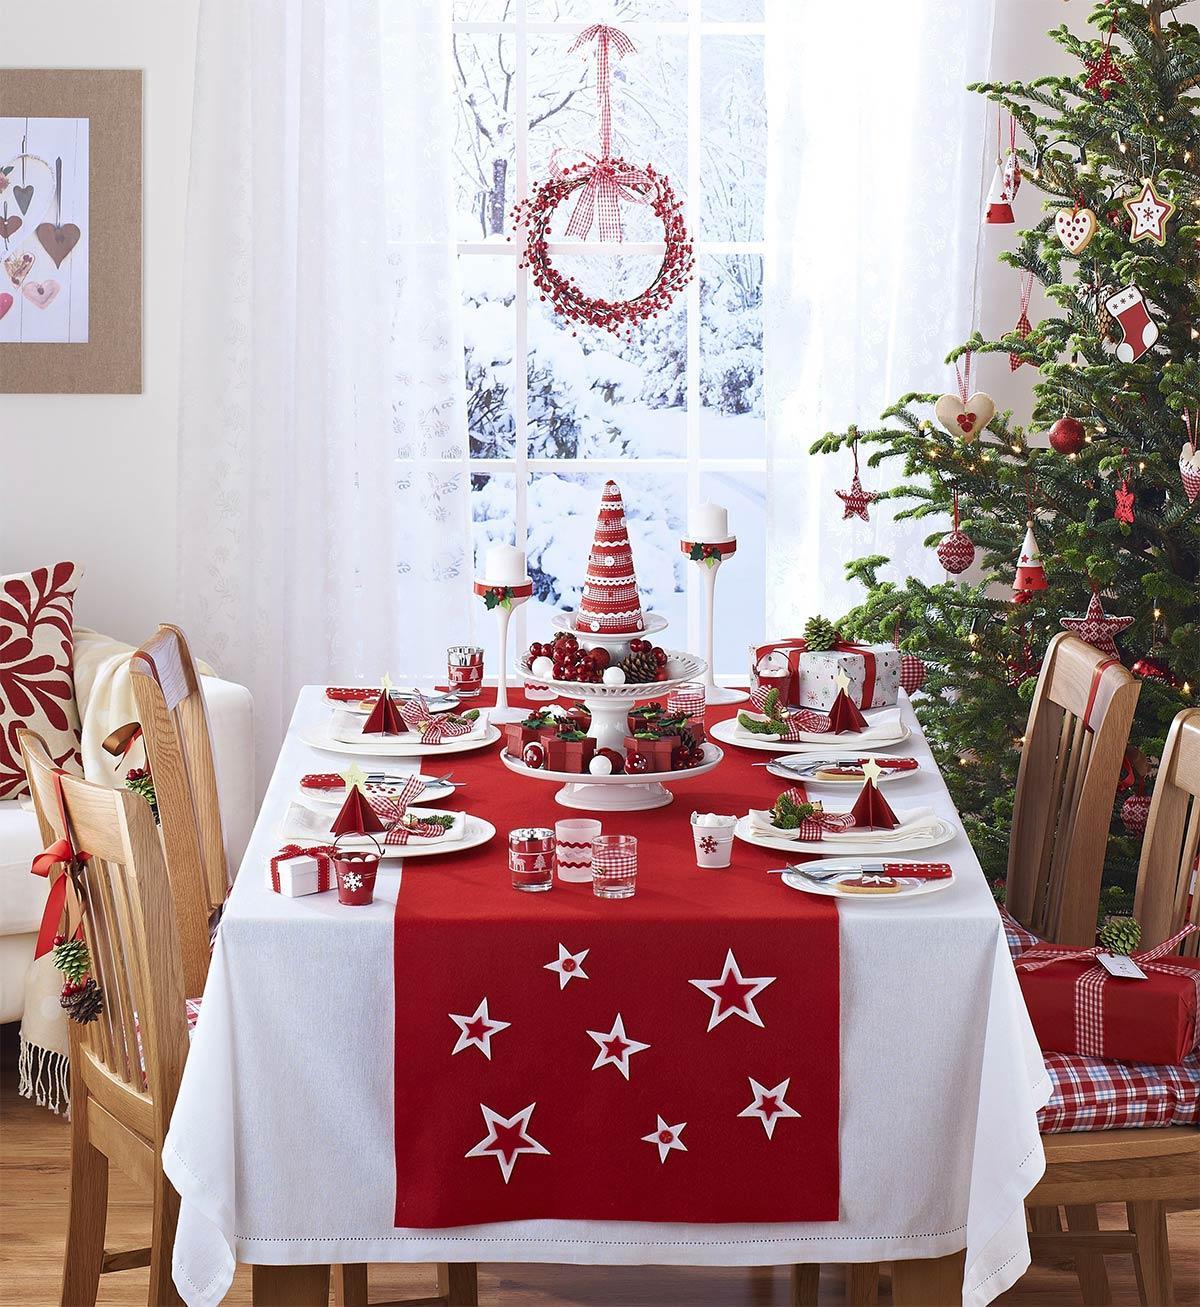 trang trí bàn ăn đêm giáng sinh